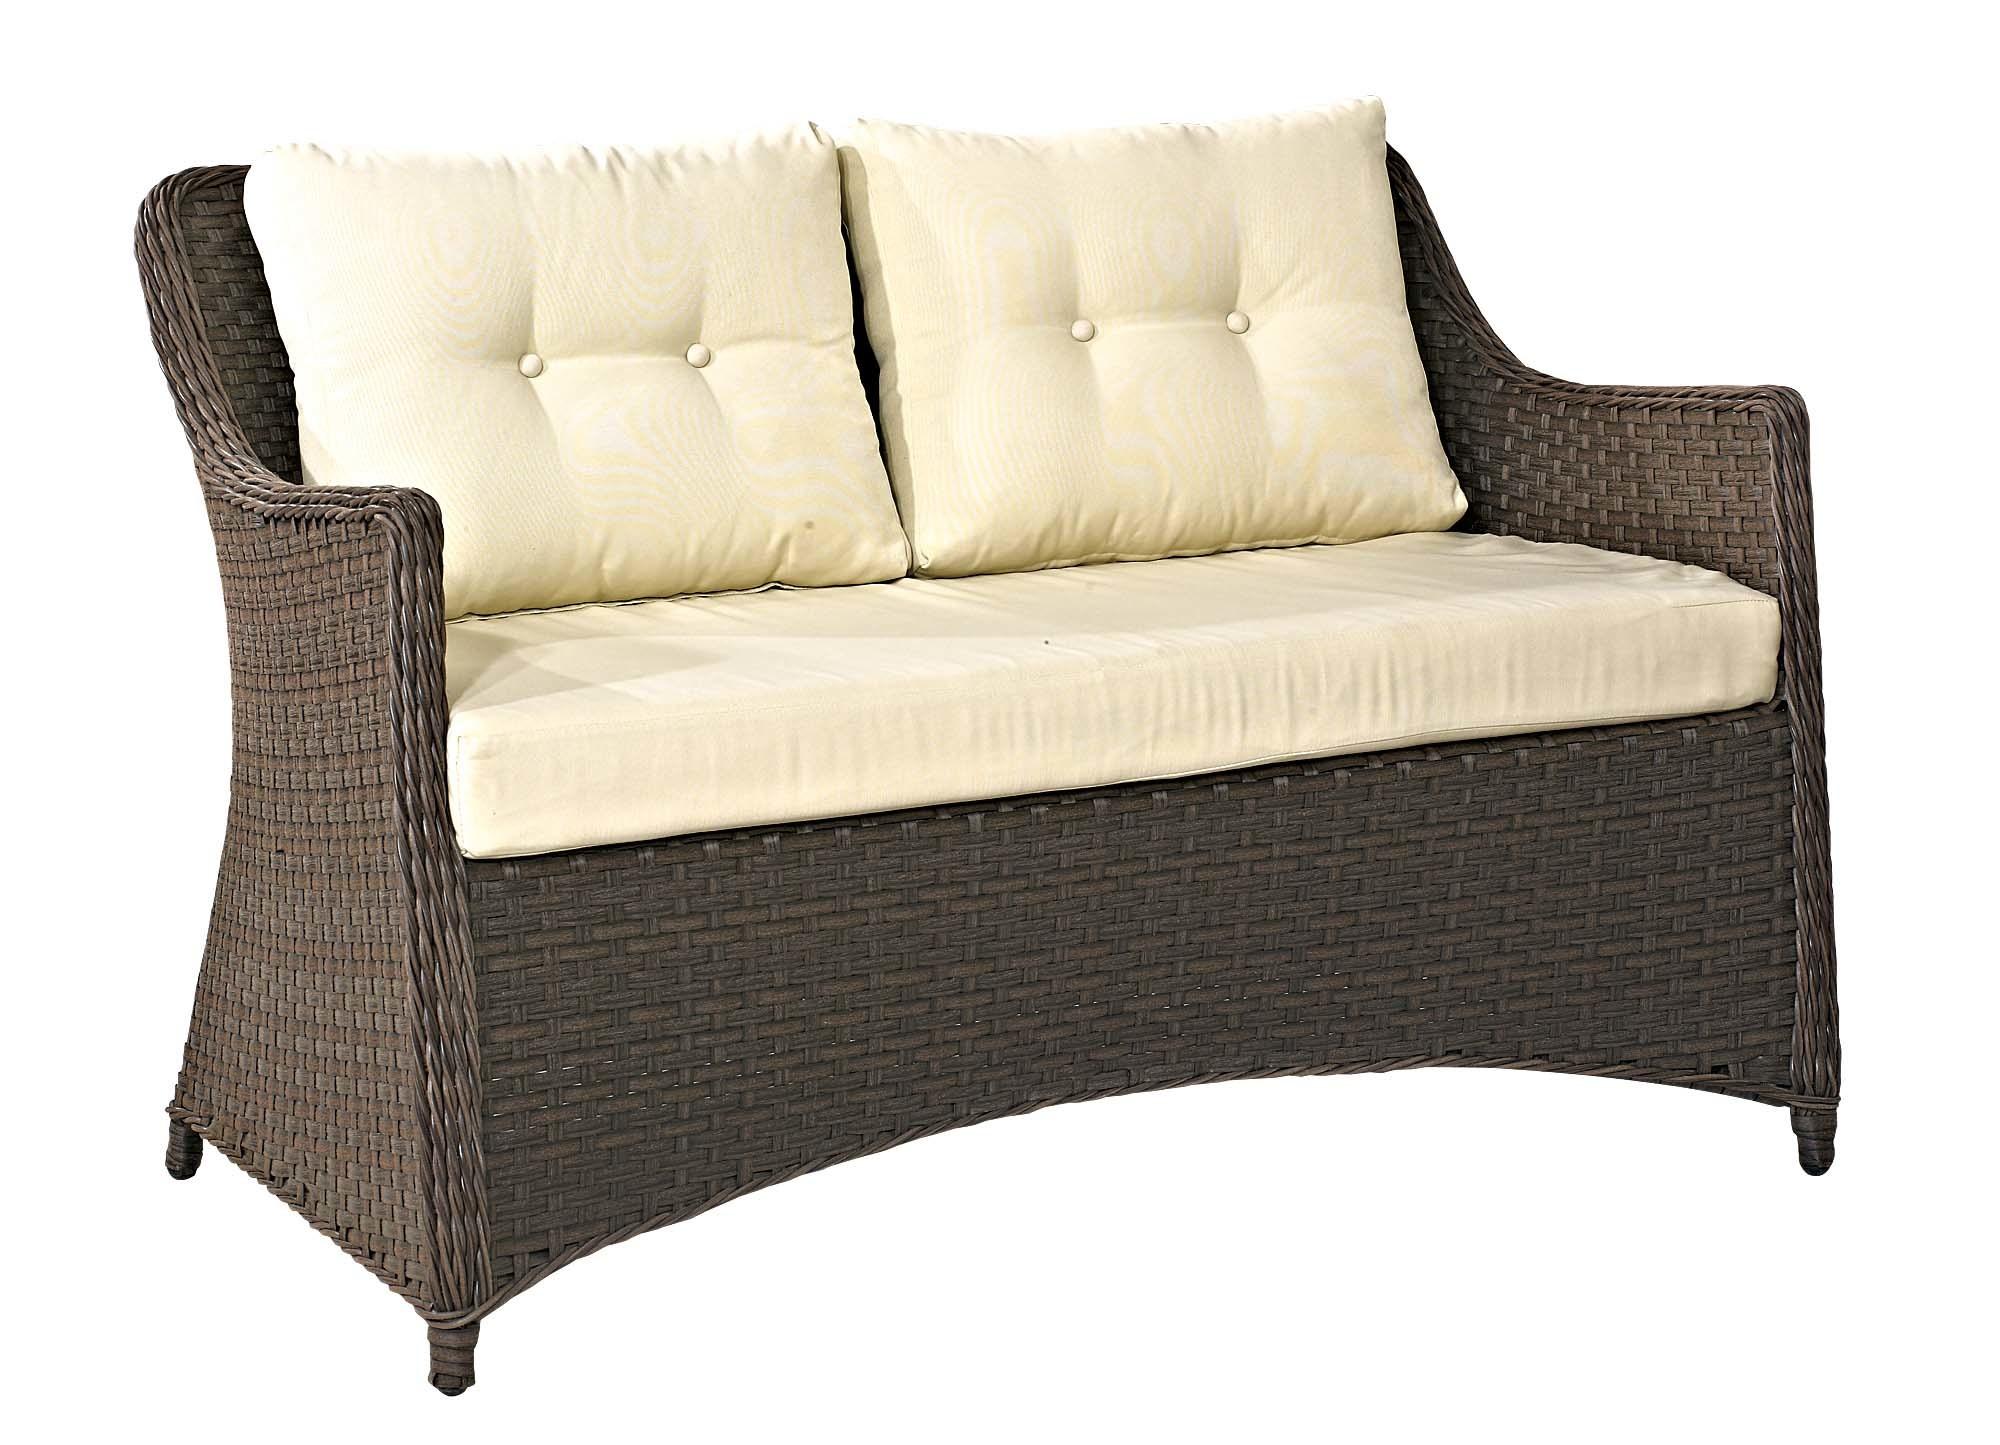 2017 Modern Outdoor Rattan/Wicker Sofa Leisure Garden Furniture